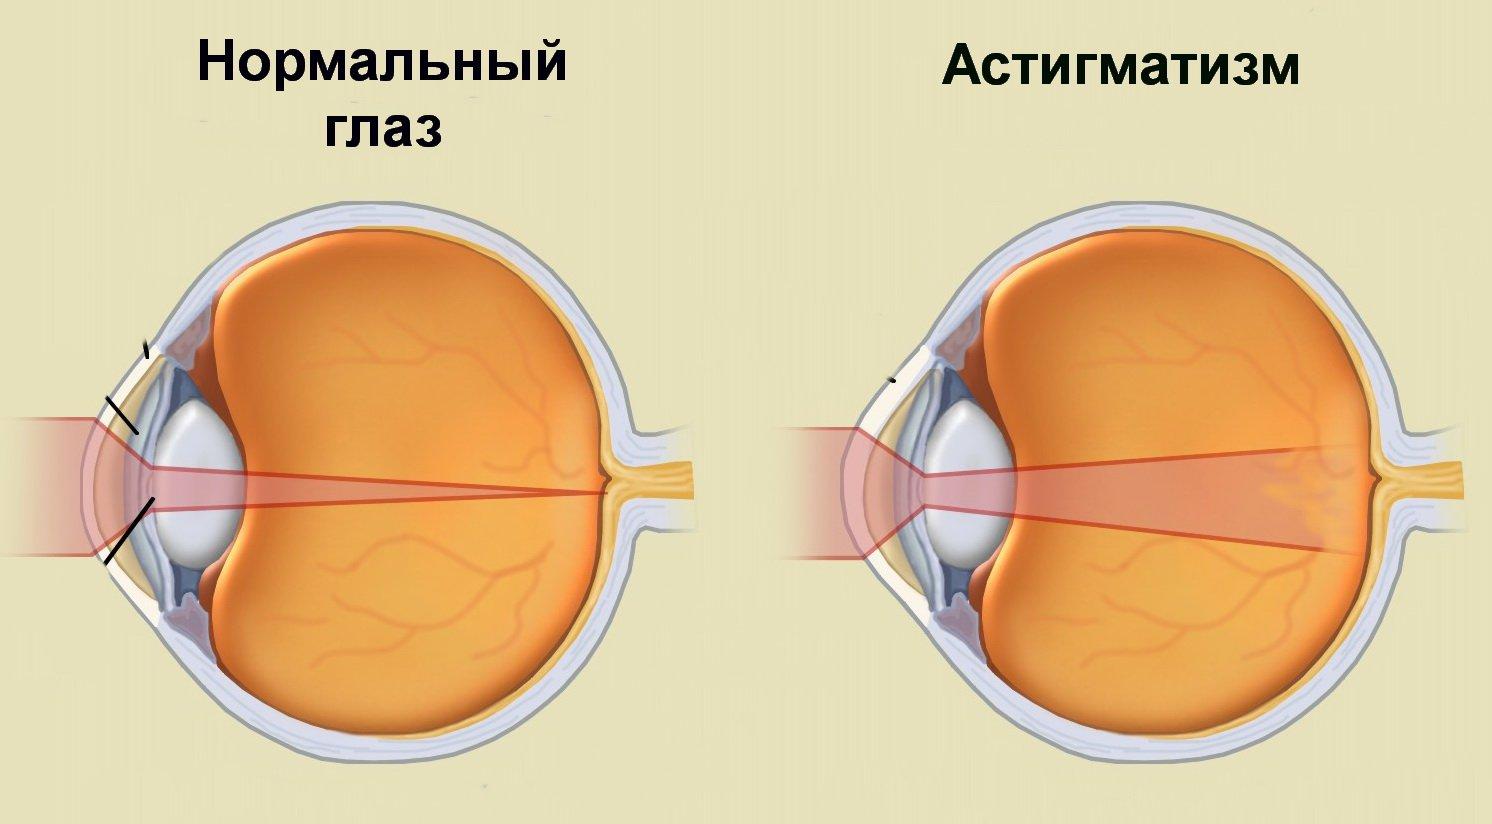 aloe mézes receptekkel a látáshoz hogyan lehet helyreállítani a látást az amblyopia-ban